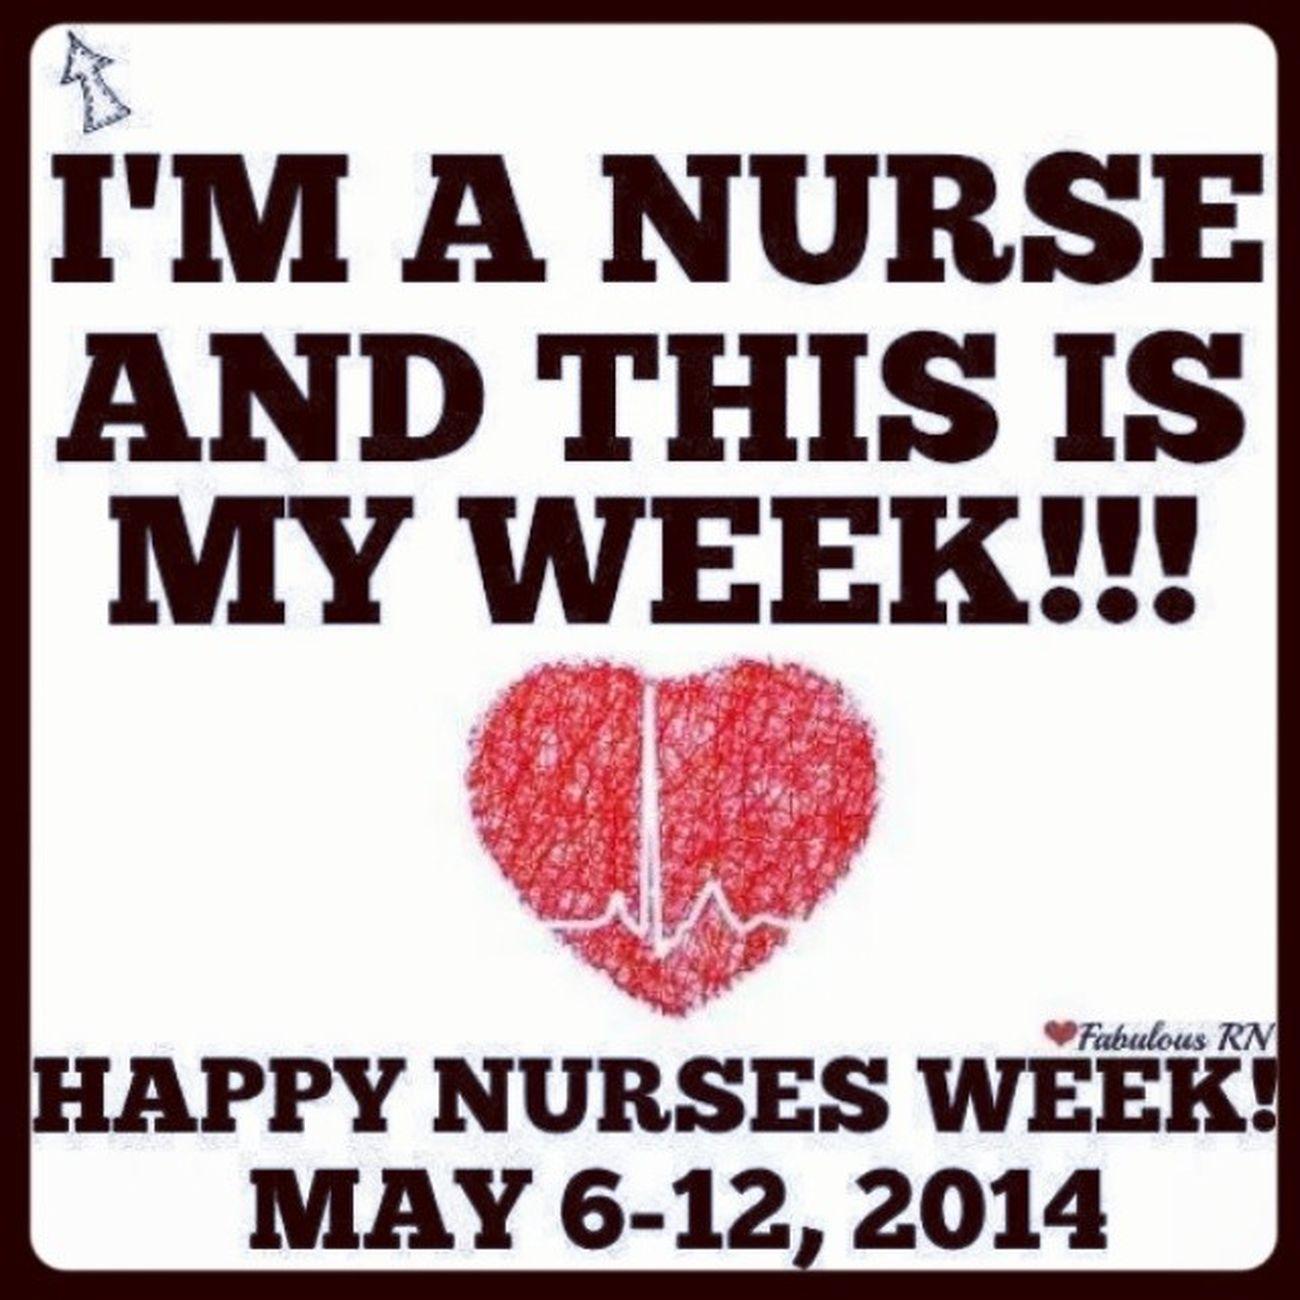 Happy Nurses week colleagues. RNS Nursesweek